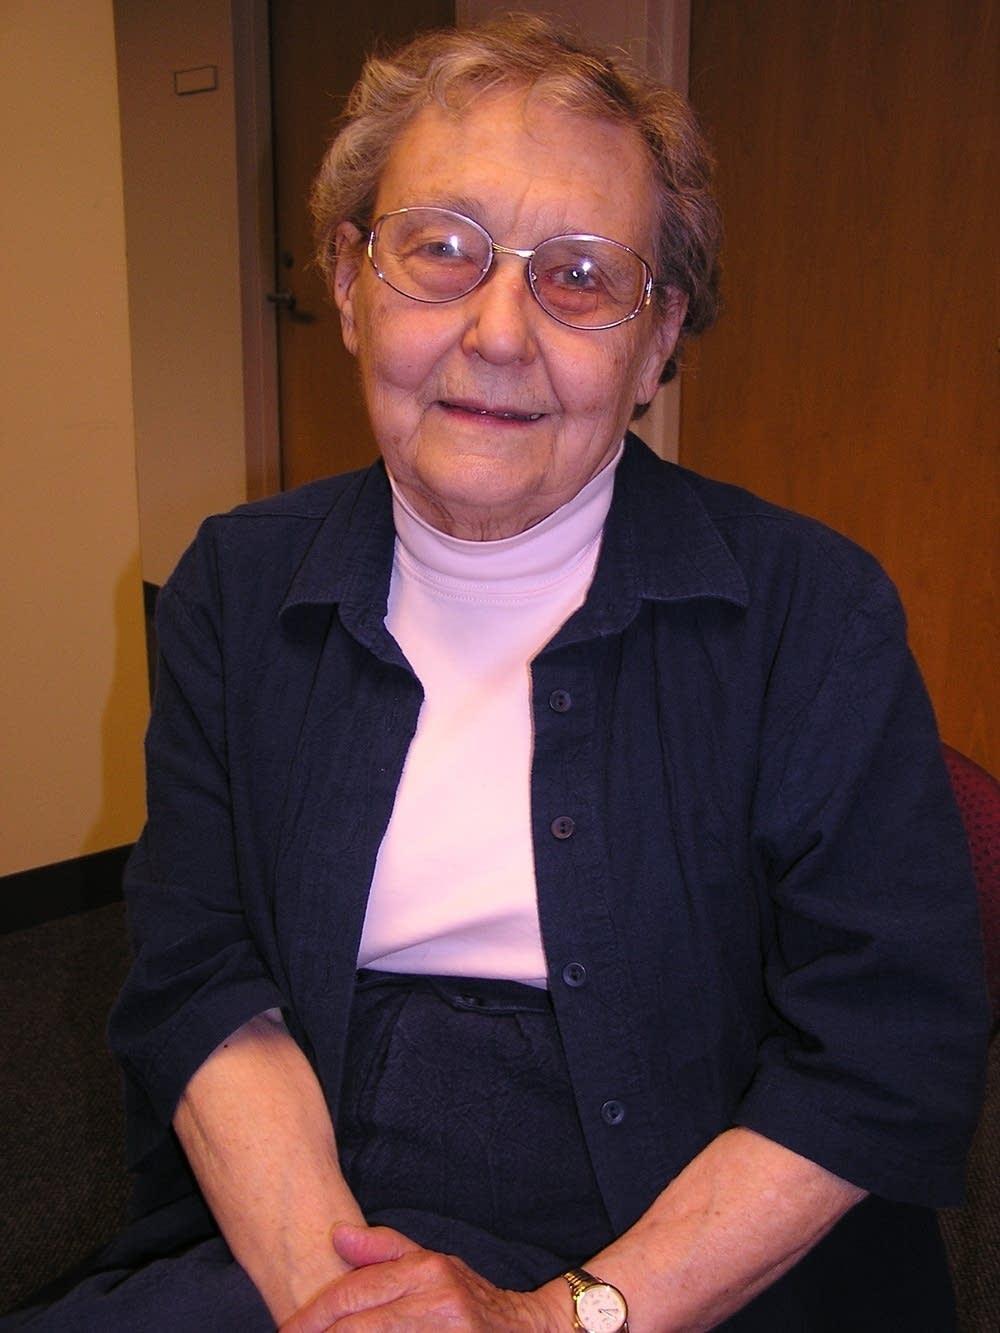 Rhoda Gilman